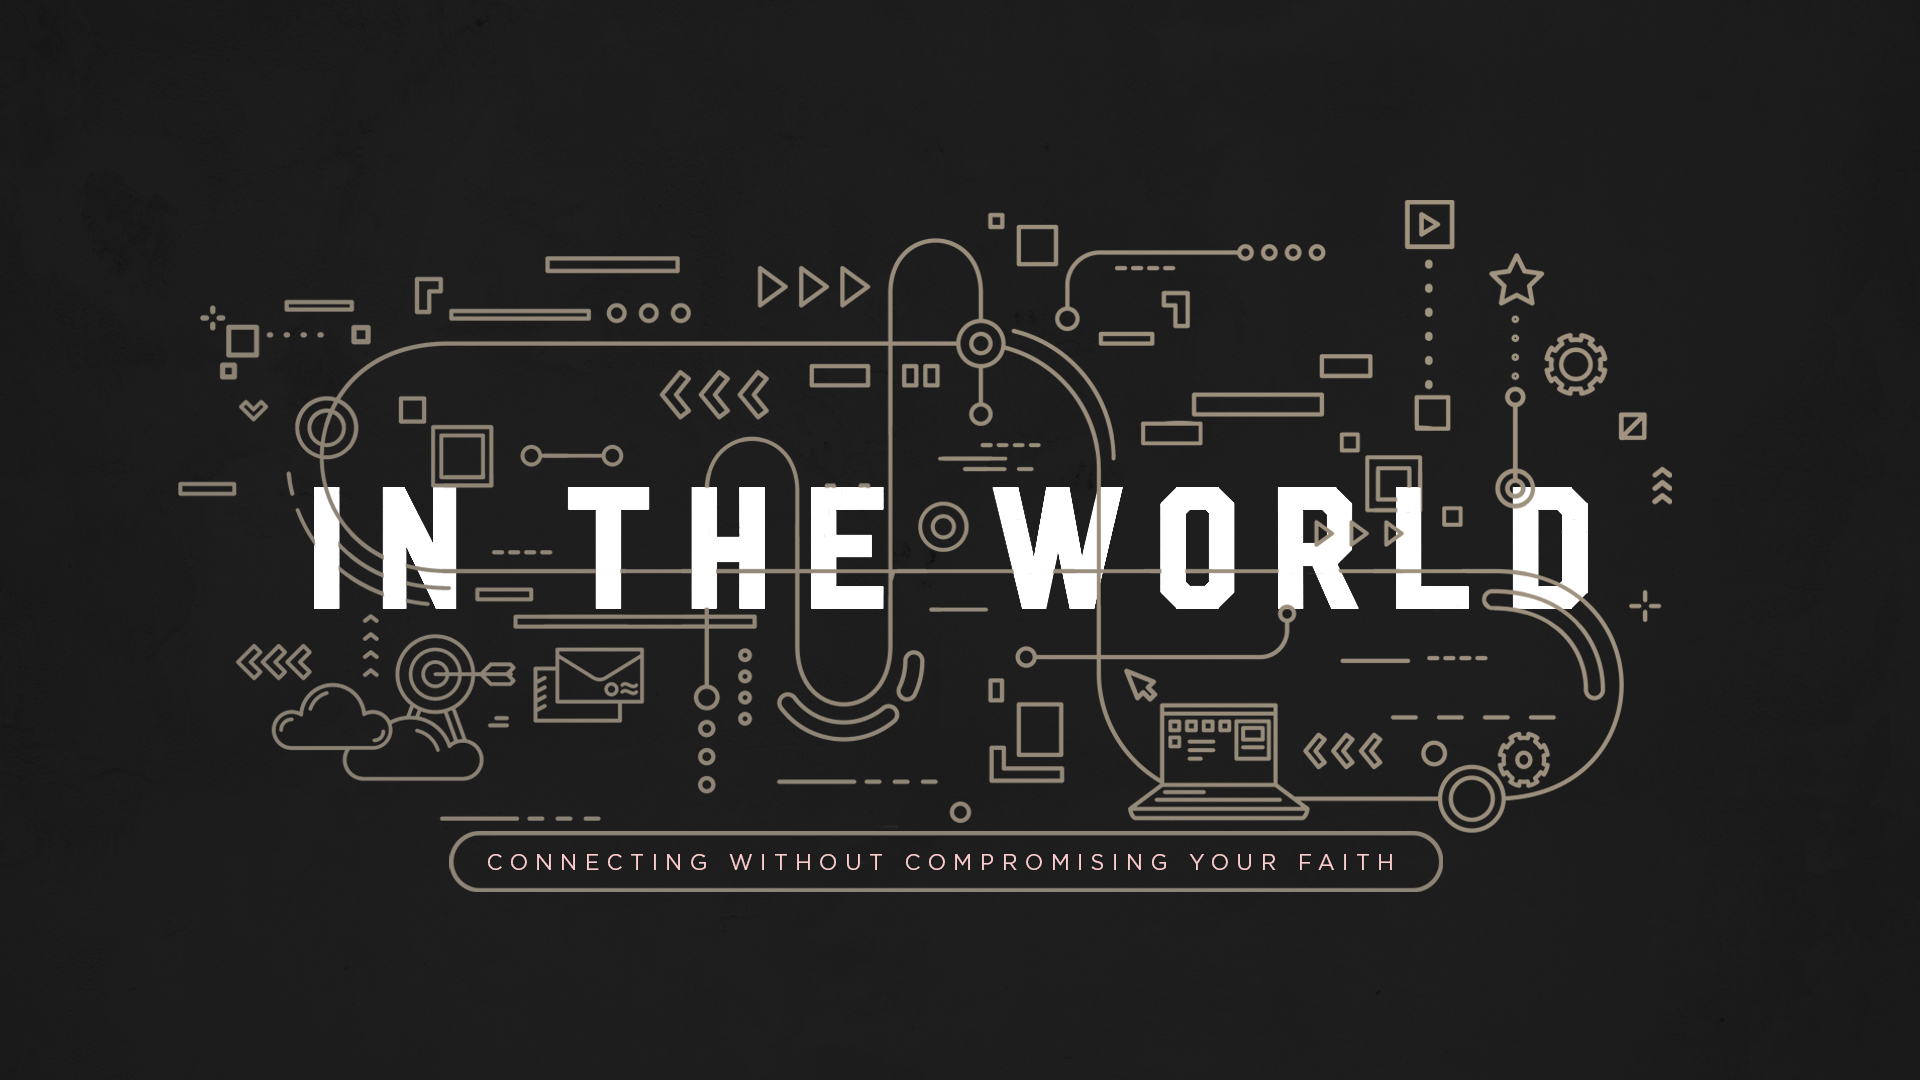 In-The-World_Title Slide.jpg